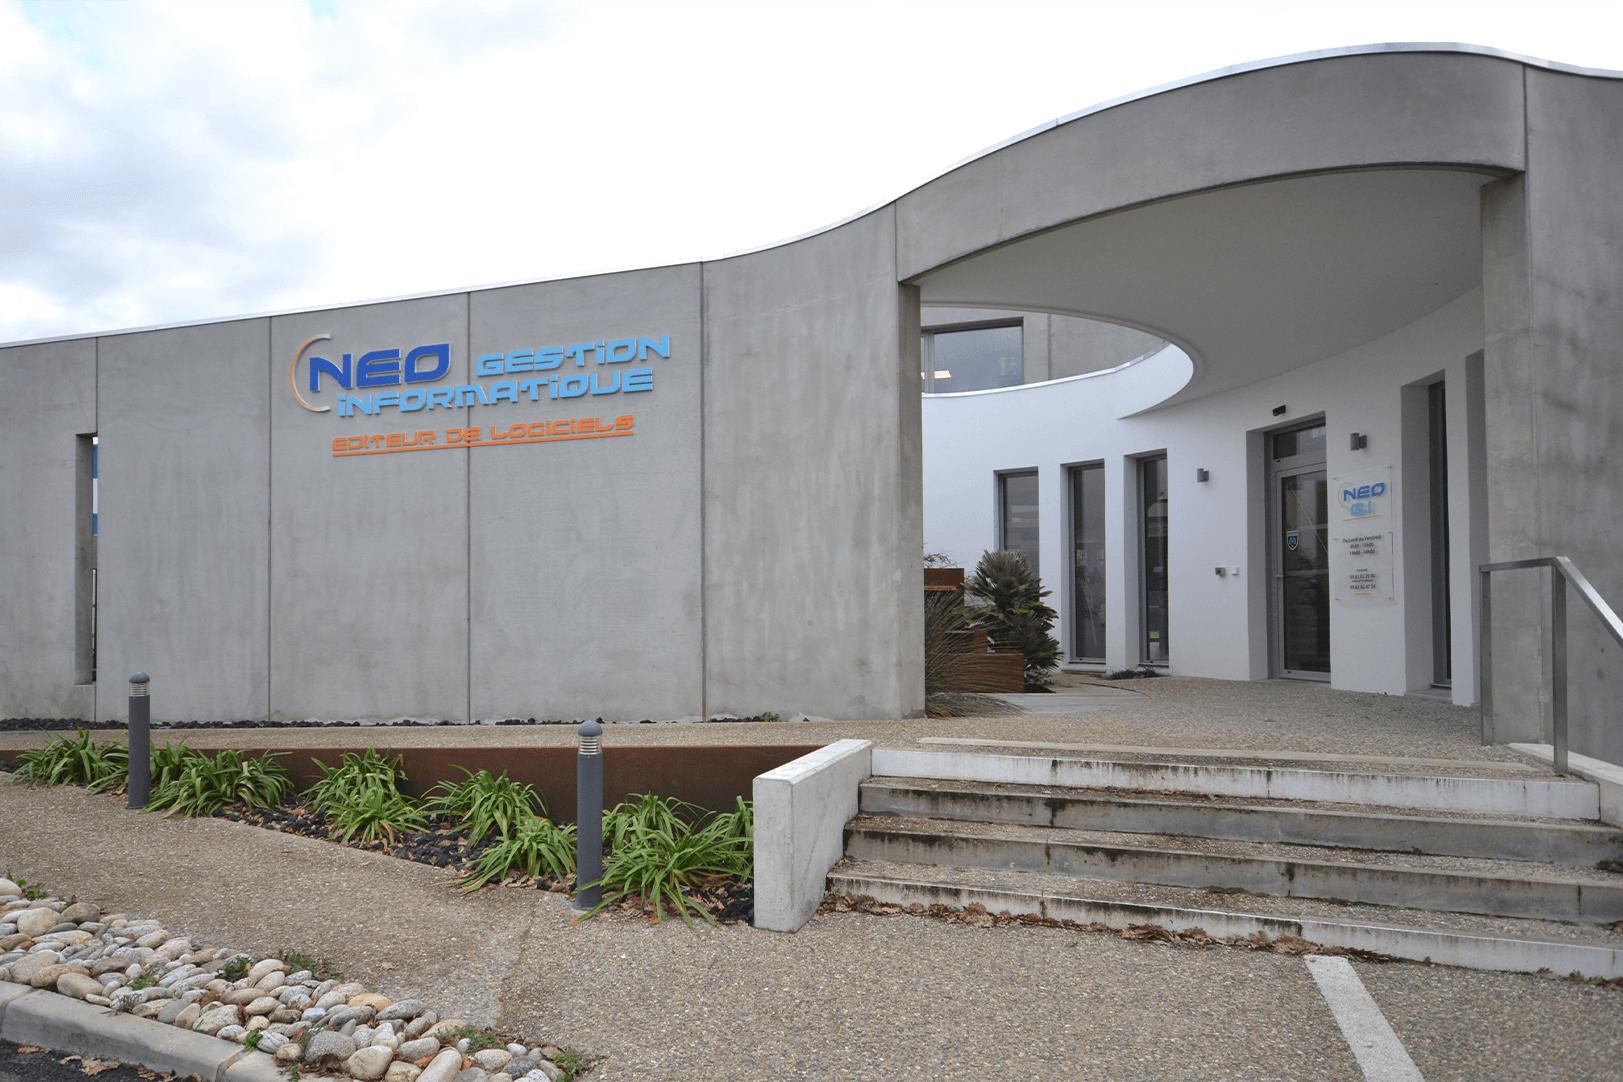 Cette image représente la façade des locaux de Néo Gestion